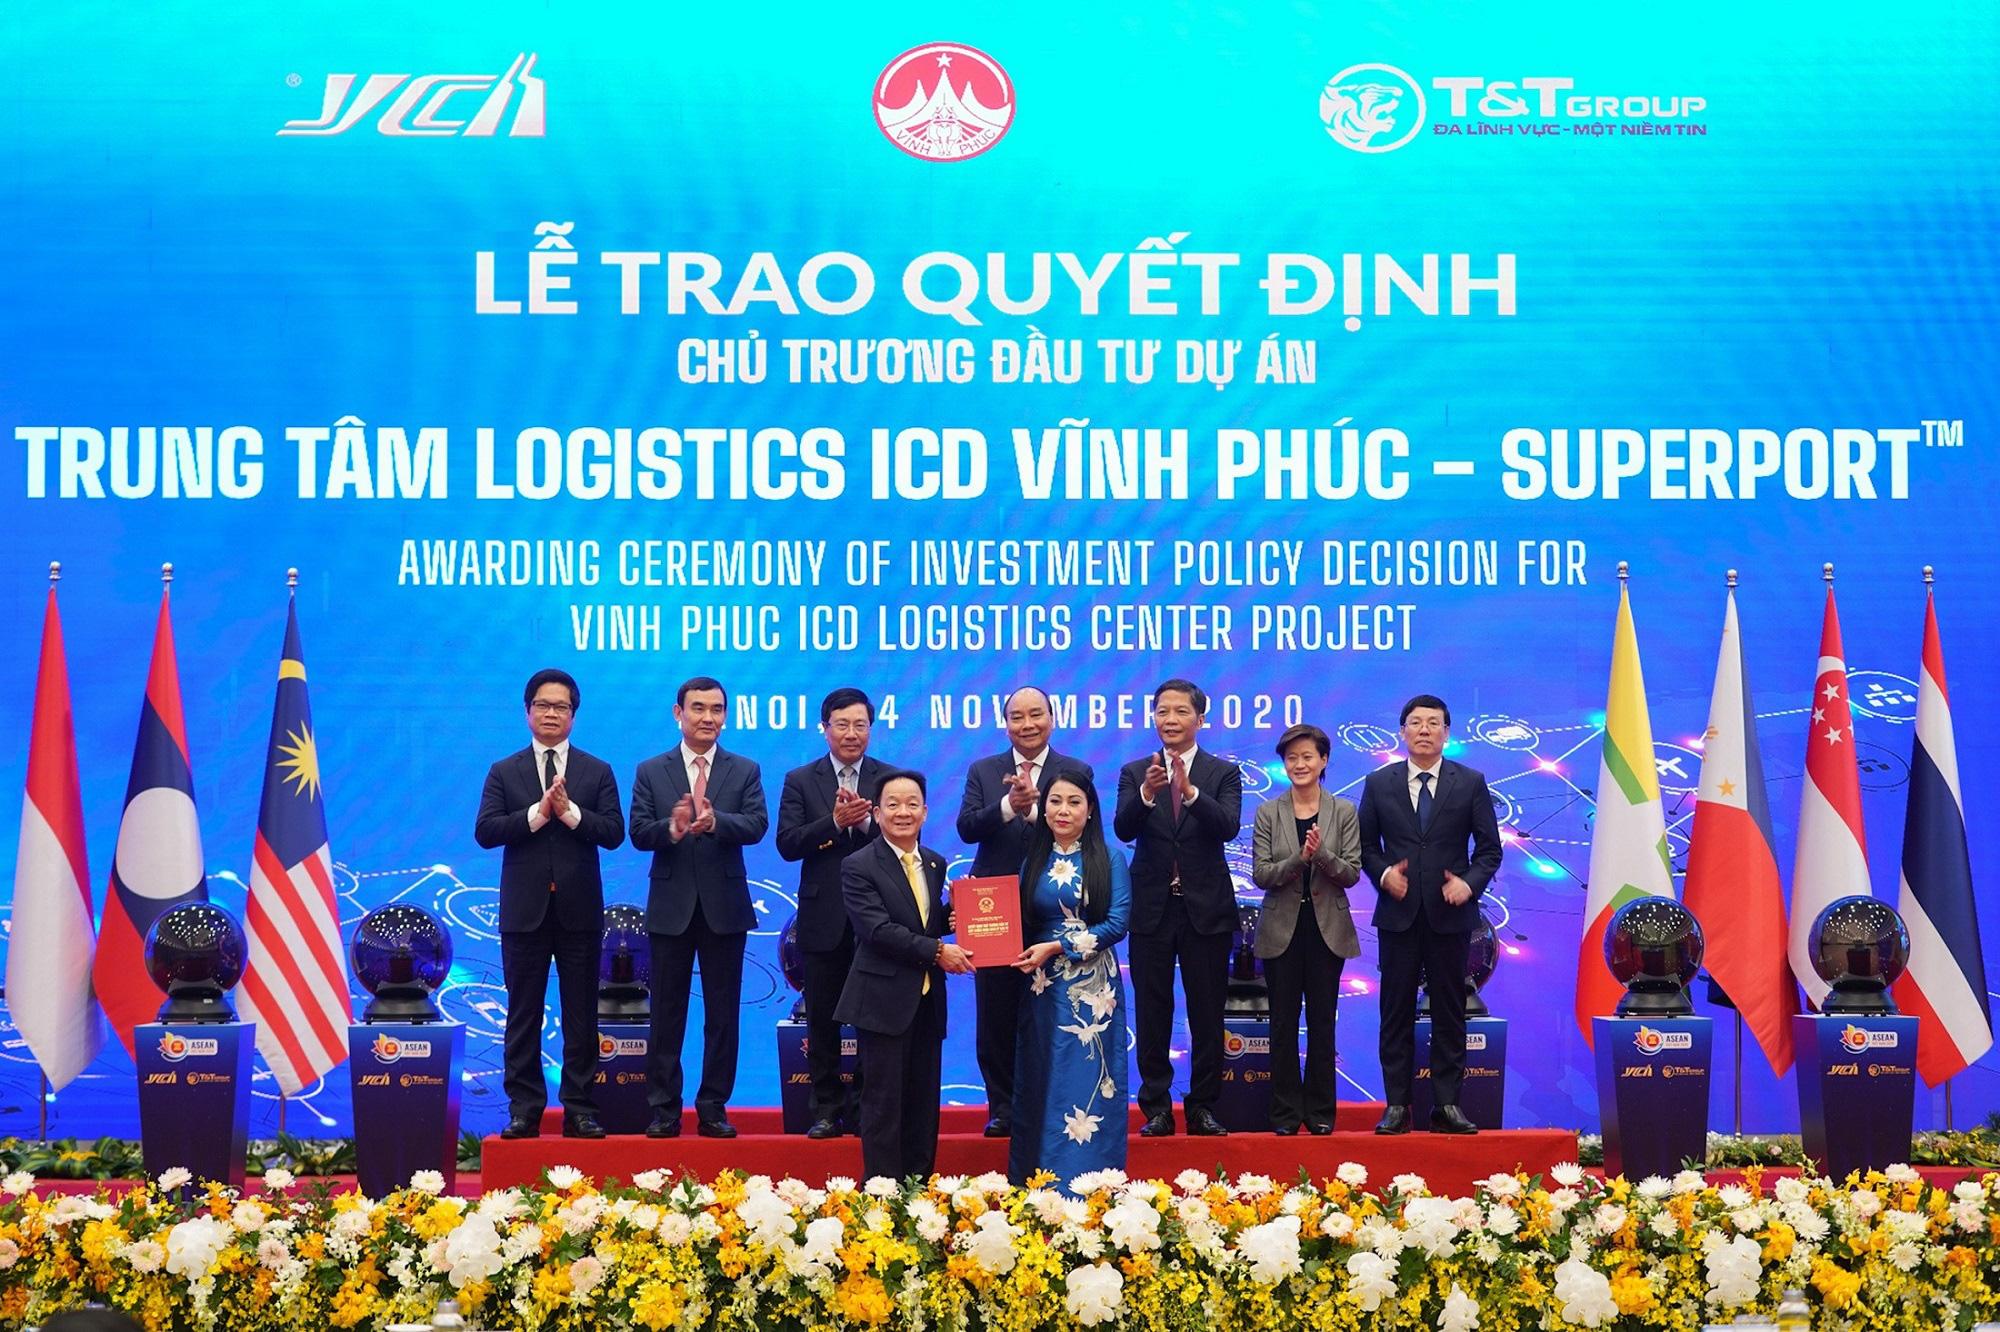 """Thủ tướng khởi động mạng lưới Logistics thông minh ASEAN với dự án đầu tiên """"Trung tâm Logistics ICD Vĩnh Phúc"""" - Ảnh 2."""